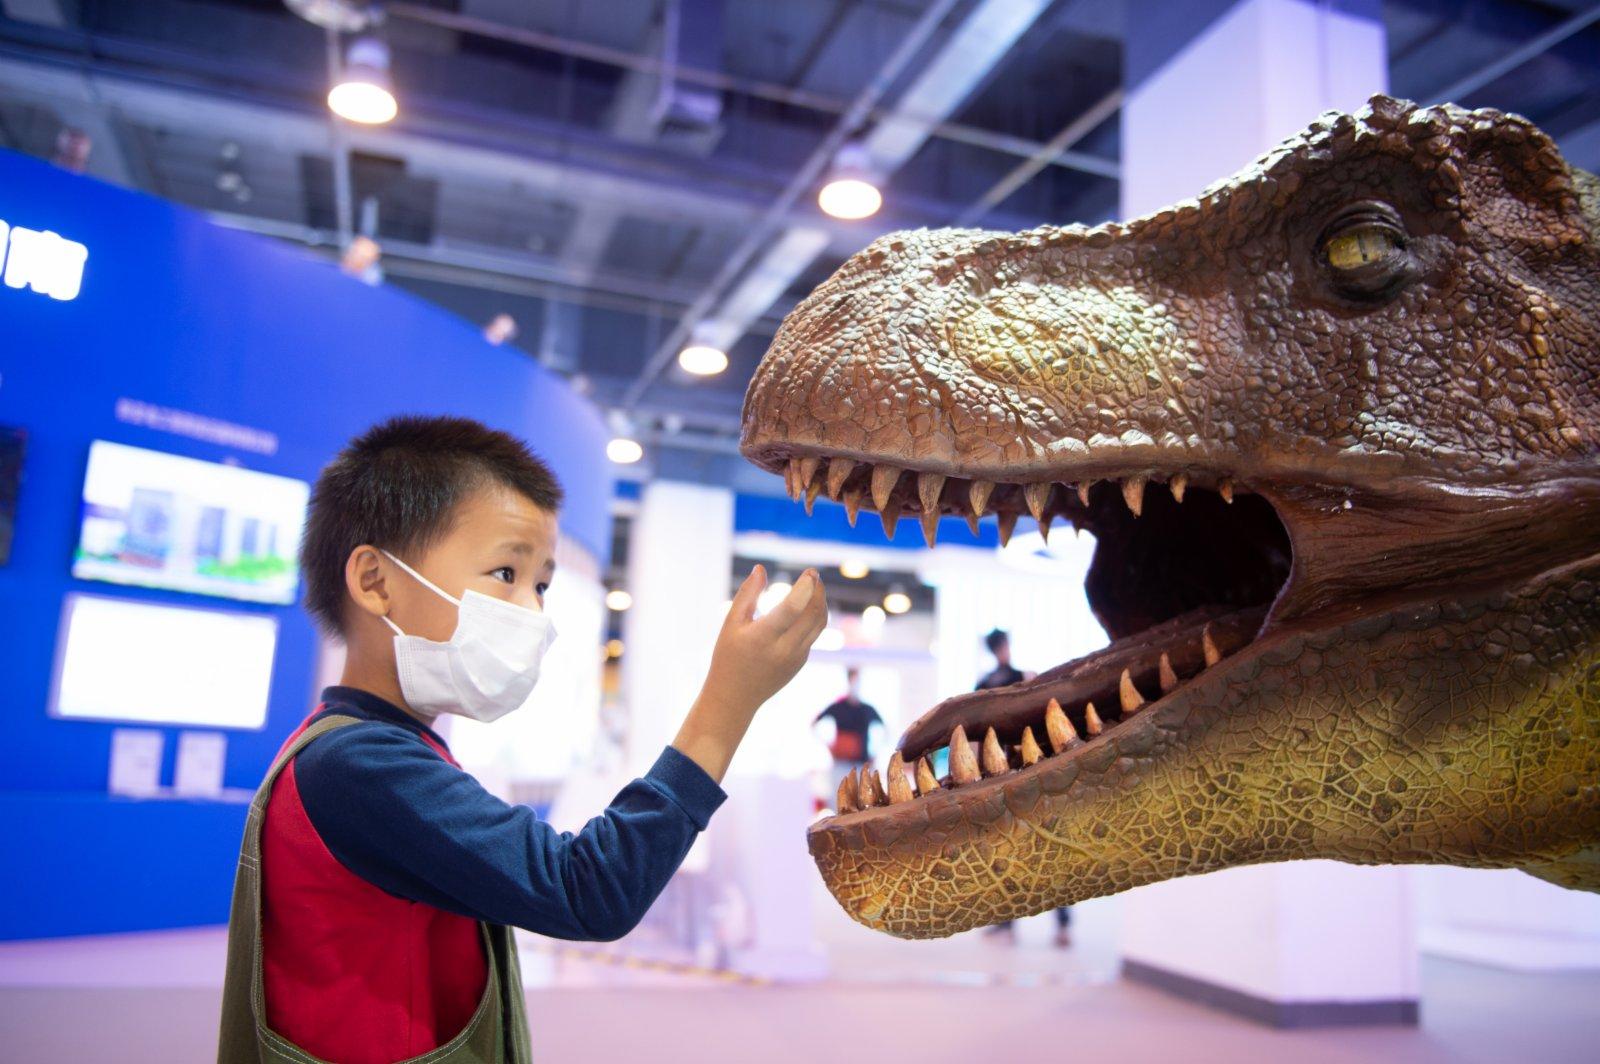 9月4日,小朋友在服貿會國家會議中心展區四川展位觀看恐龍模型。(新華社)